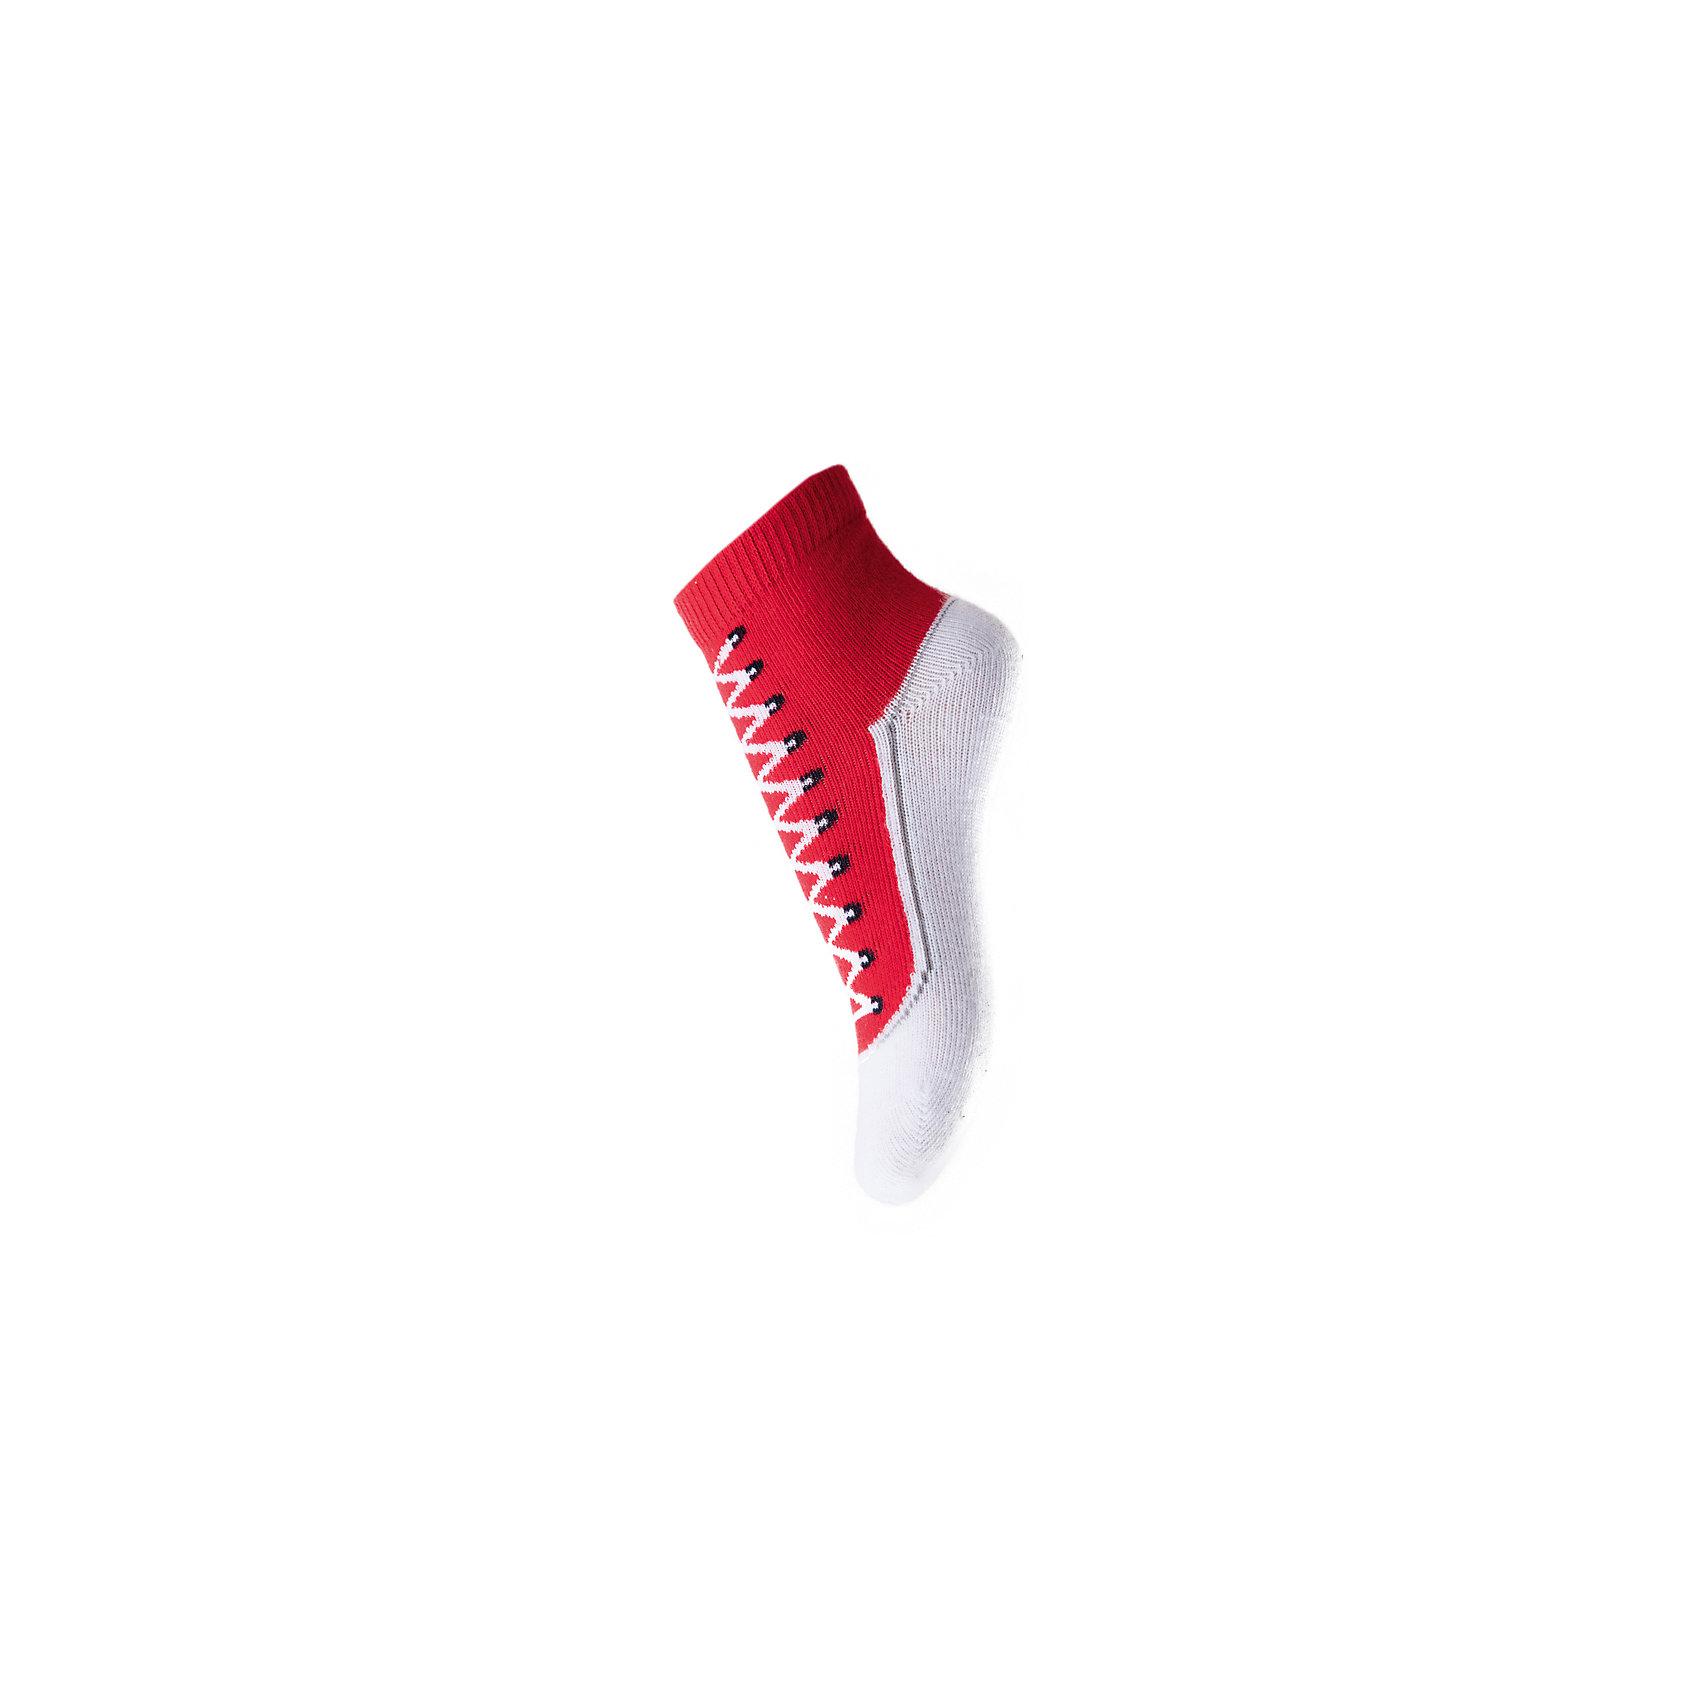 Носки для мальчика PlayTodayНоски<br>Носки для мальчика от известного бренда PlayToday.<br>Хлопковые носки.<br><br>Украшены рисунком с имитацией ботинка. Верх на мягкой резинке.<br>Состав:<br>75% хлопок, 22% нейлон, 3% эластан<br><br>Ширина мм: 87<br>Глубина мм: 10<br>Высота мм: 105<br>Вес г: 115<br>Цвет: красный<br>Возраст от месяцев: 3<br>Возраст до месяцев: 12<br>Пол: Мужской<br>Возраст: Детский<br>Размер: 18-20,15-18<br>SKU: 5059501